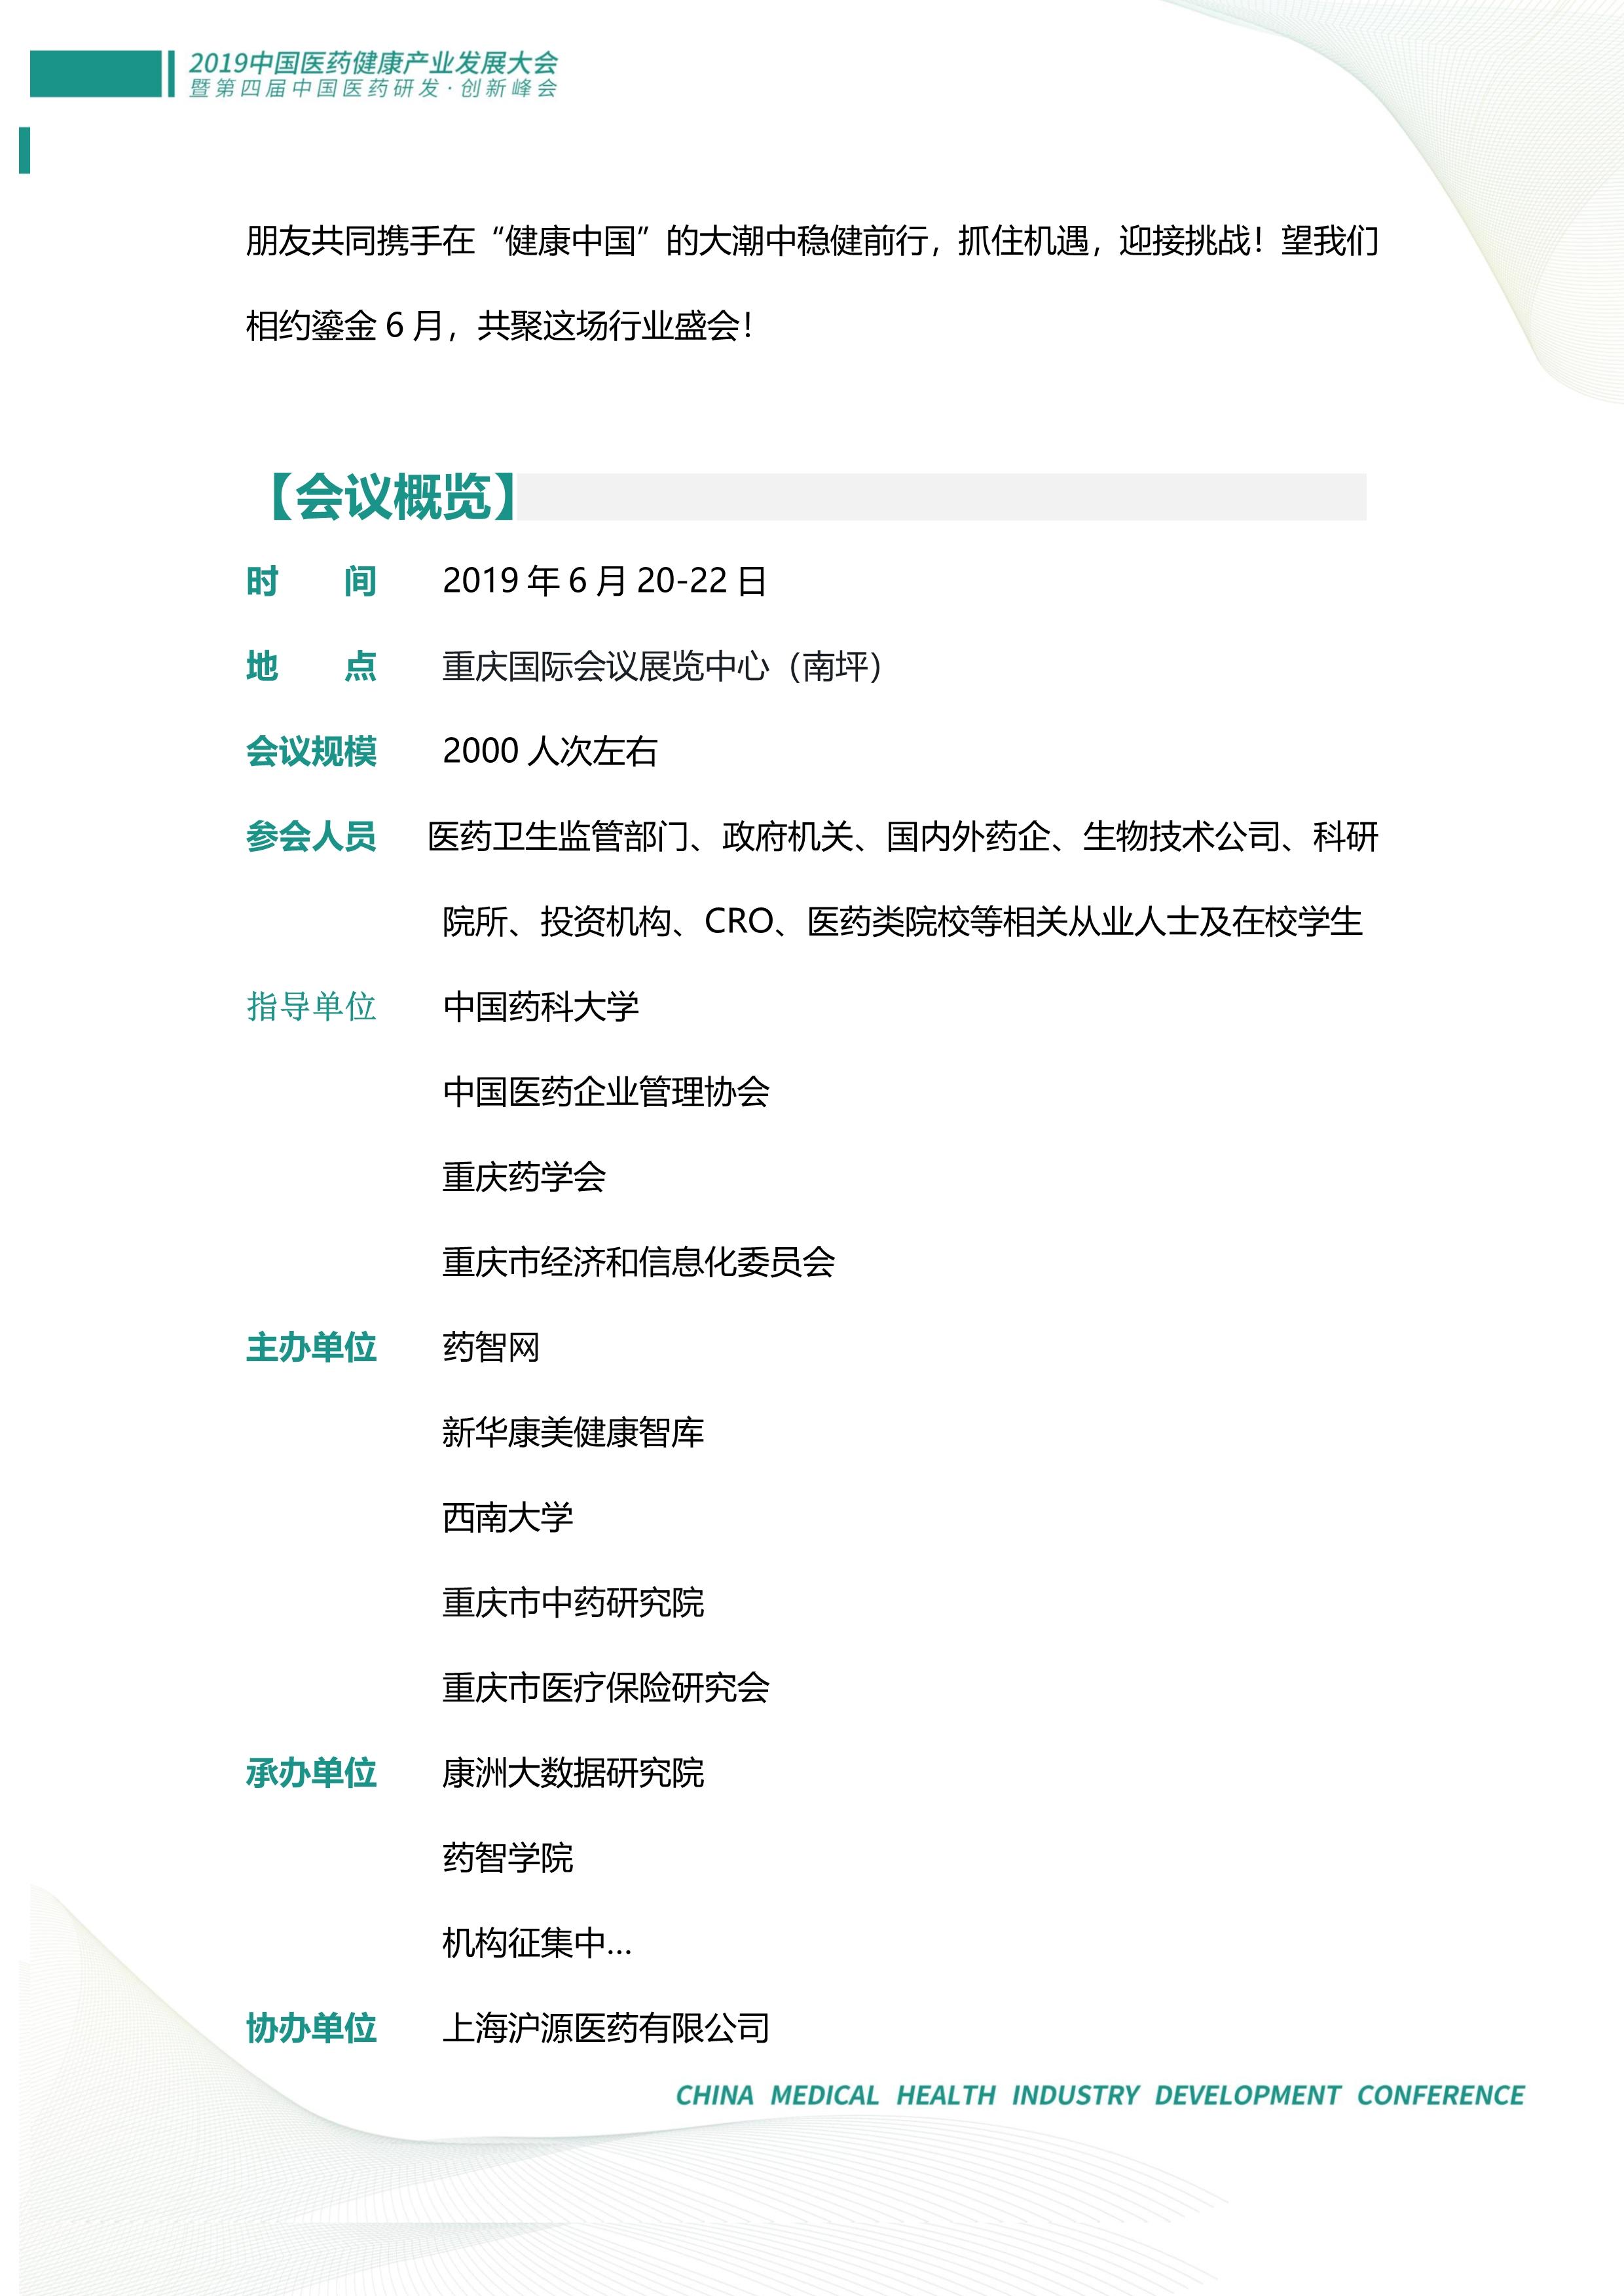 2019年第四届中国医药研发•创新峰会-邀请函0529(1)_3